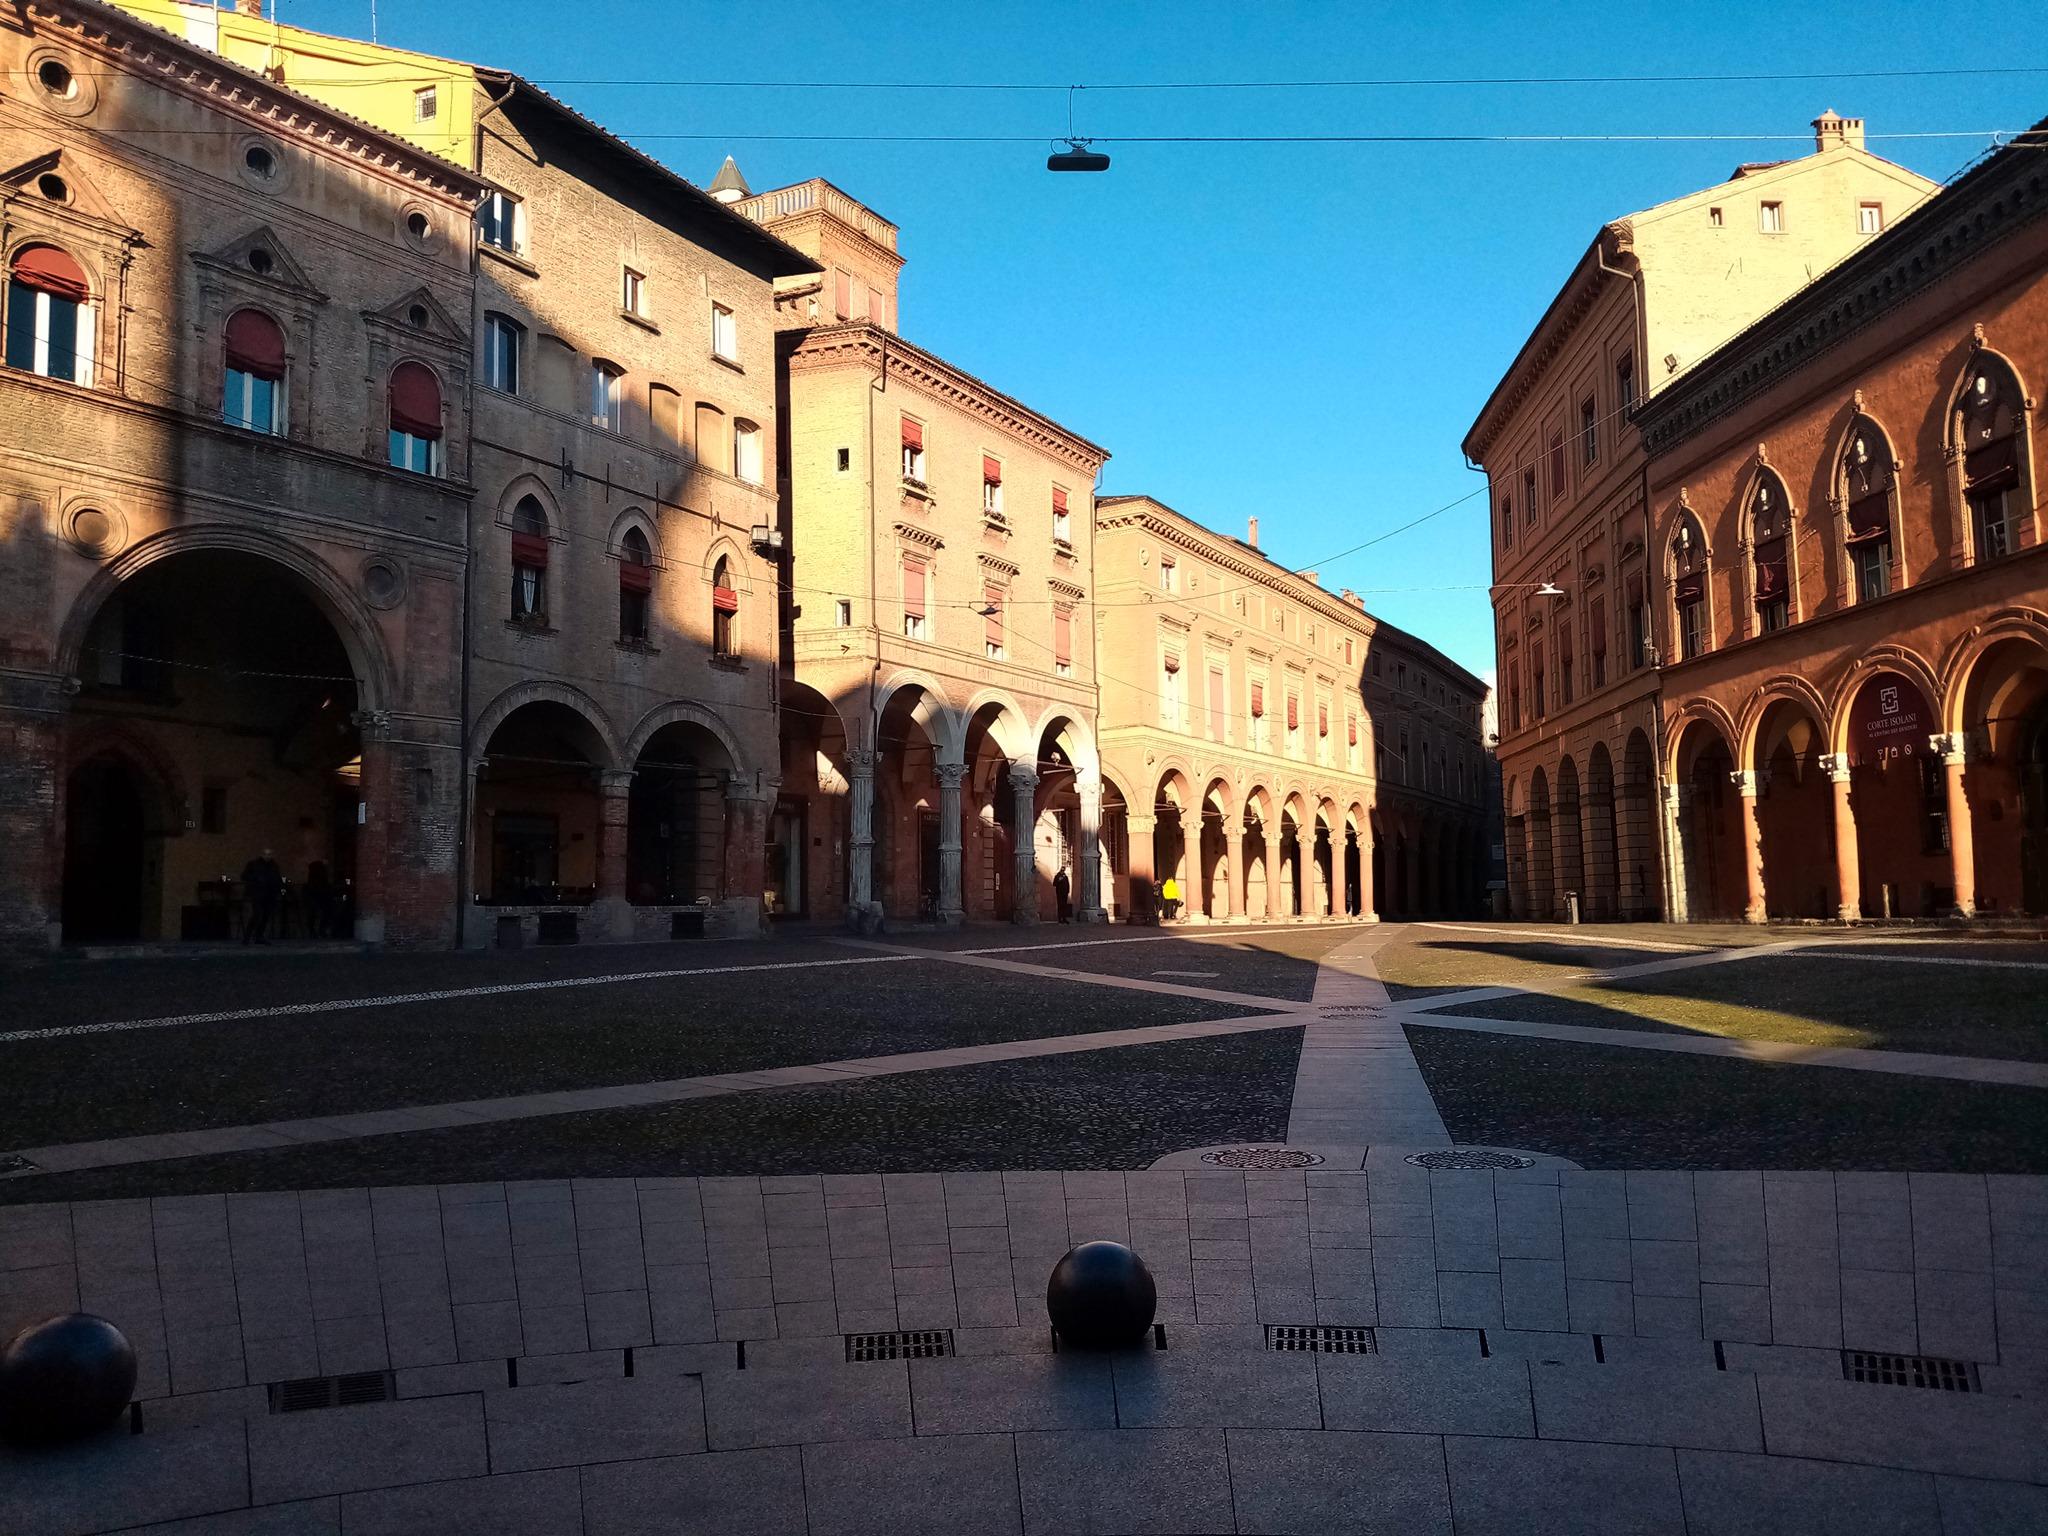 """Superati i 1.600 iscritti al Gruppo Facebook Portici di Bologna che raccontano con foto e commenti """"UNA STORIA UNICA AL MONDO"""""""